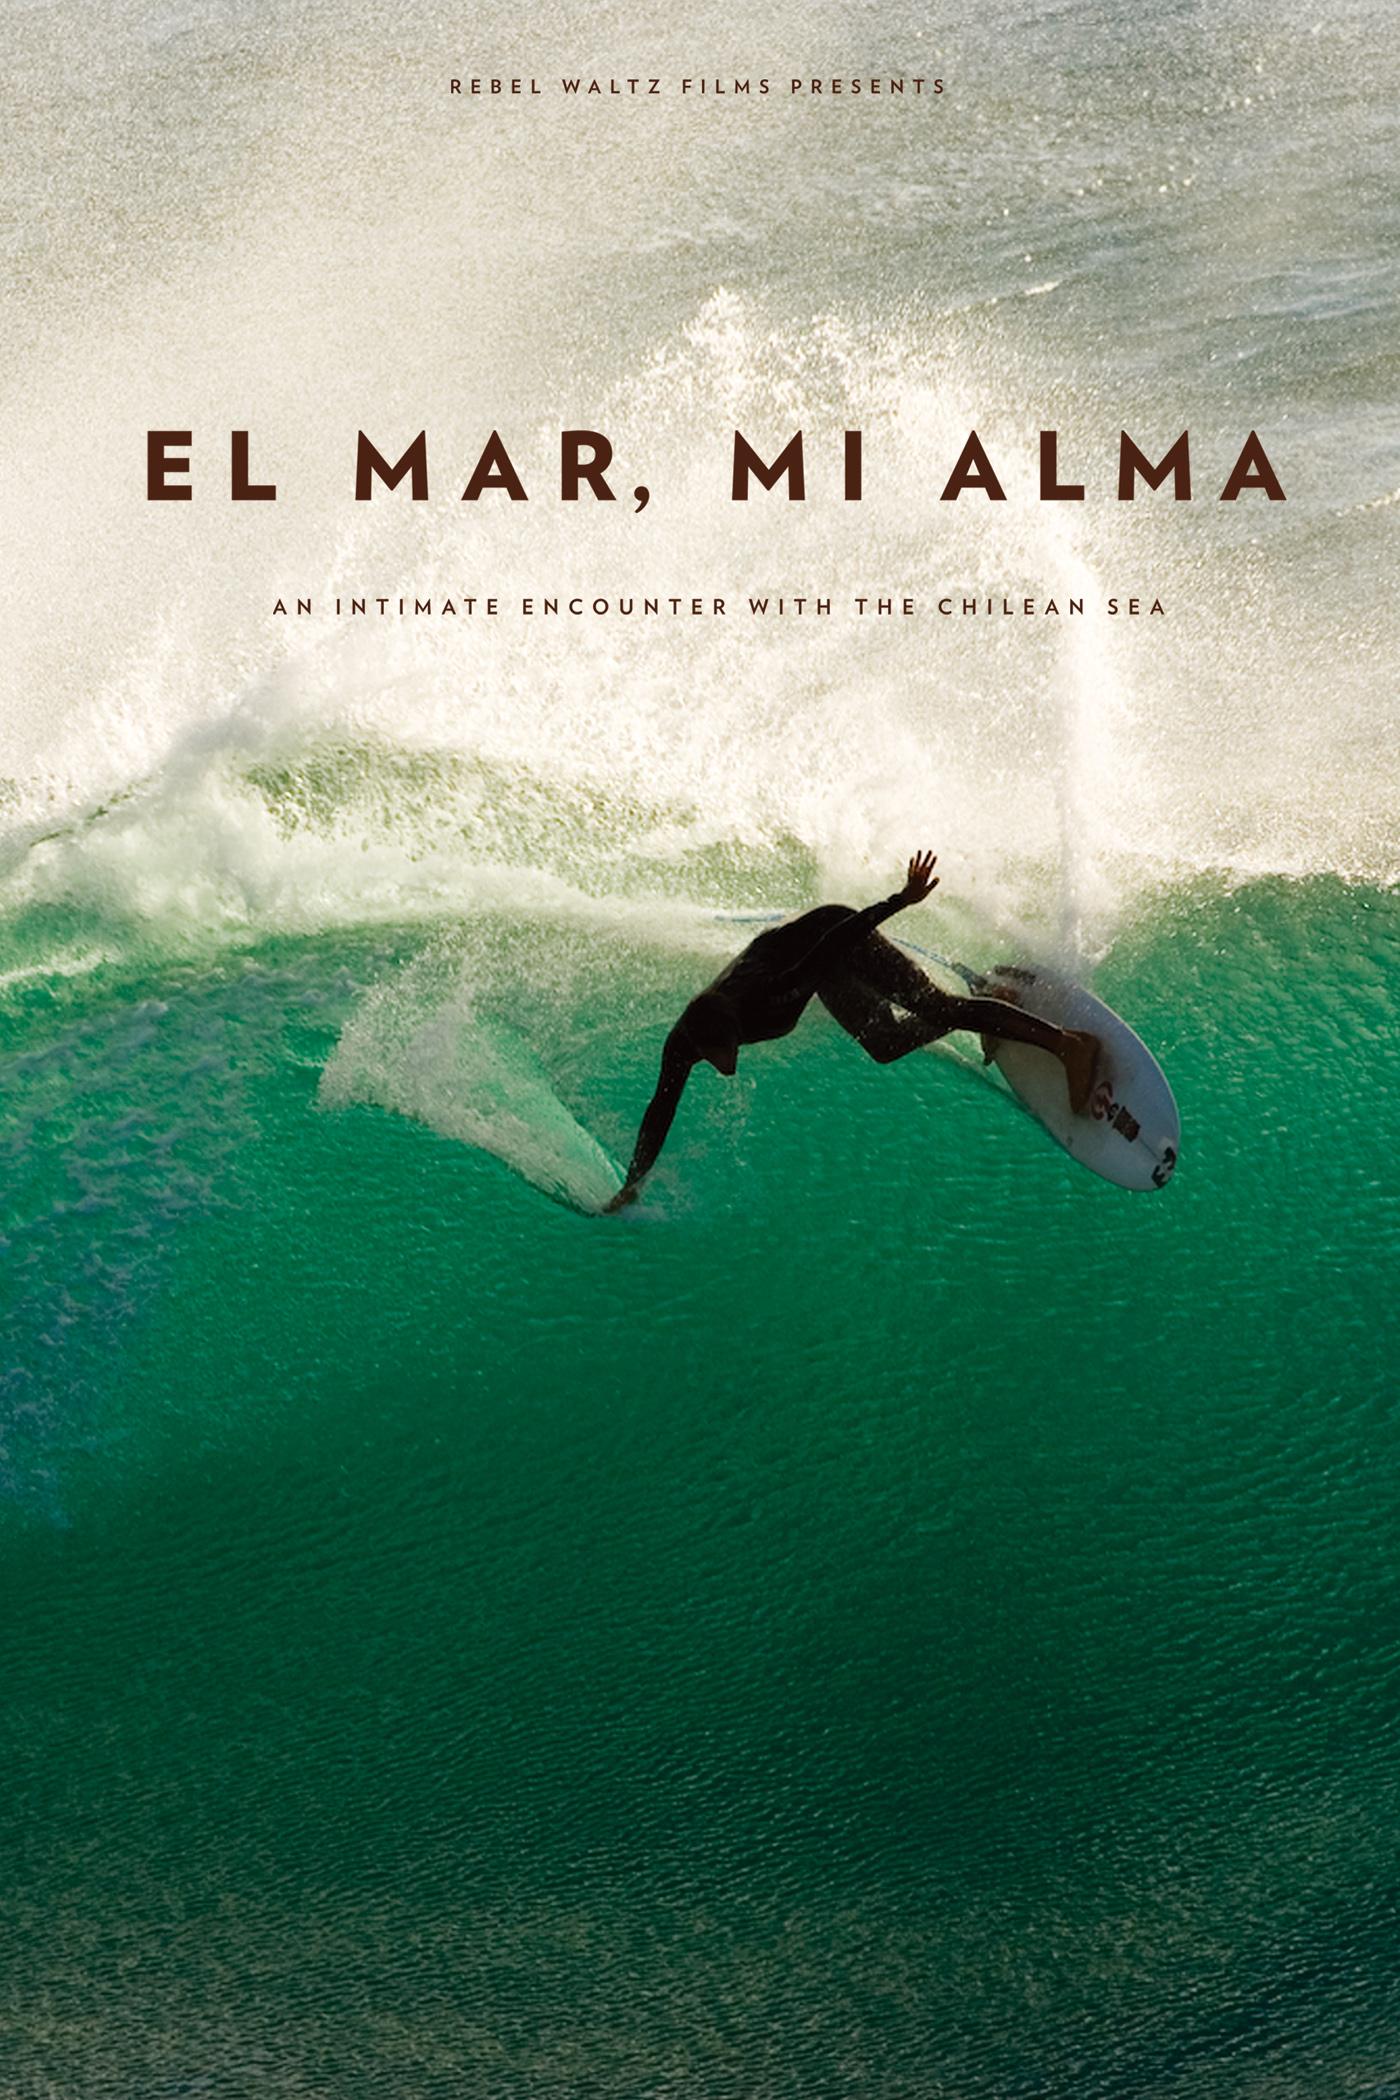 """【7/3(金)17:00から7/9(木)23:00まで】一週間限定!RIDE LIFE MOVIEと題してサーフィン映画""""EL MAR, MI ALMA""""がムラサキスポーツのオフィシャルサイトにて公開中!"""